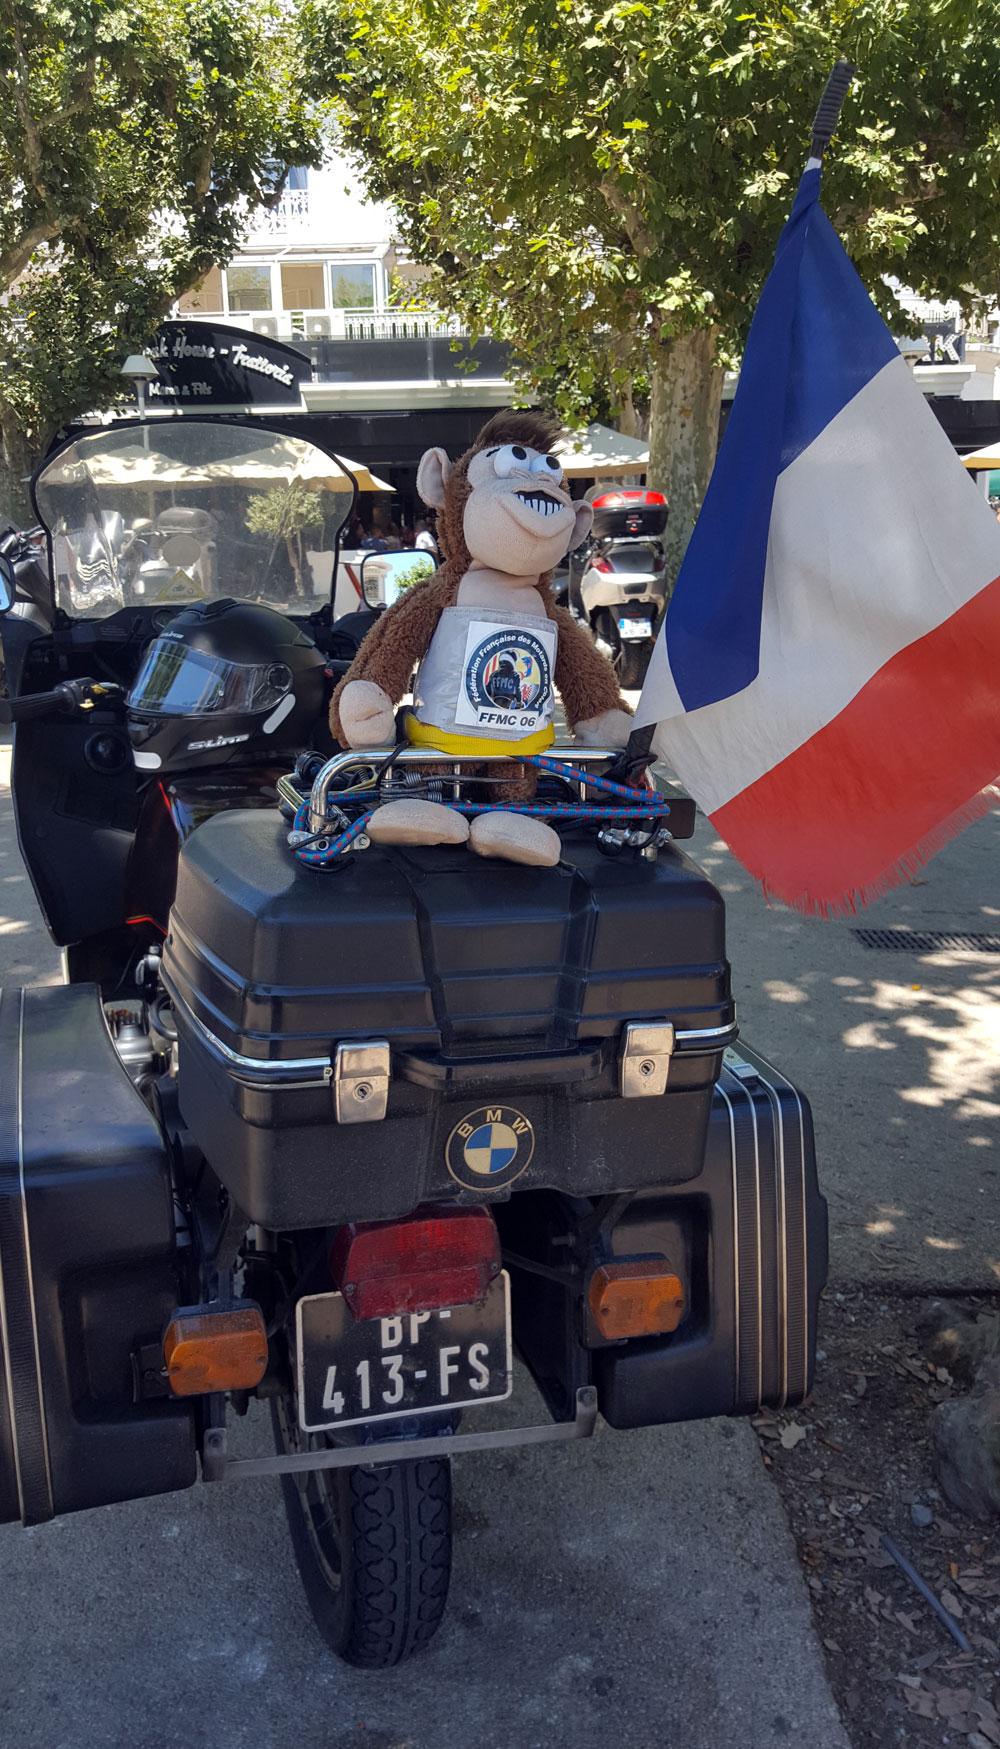 Stoffaffe auf einem BMW-Motortad mit französischer Fahne und FFMX Logo ( Fédération française des motards en colère)